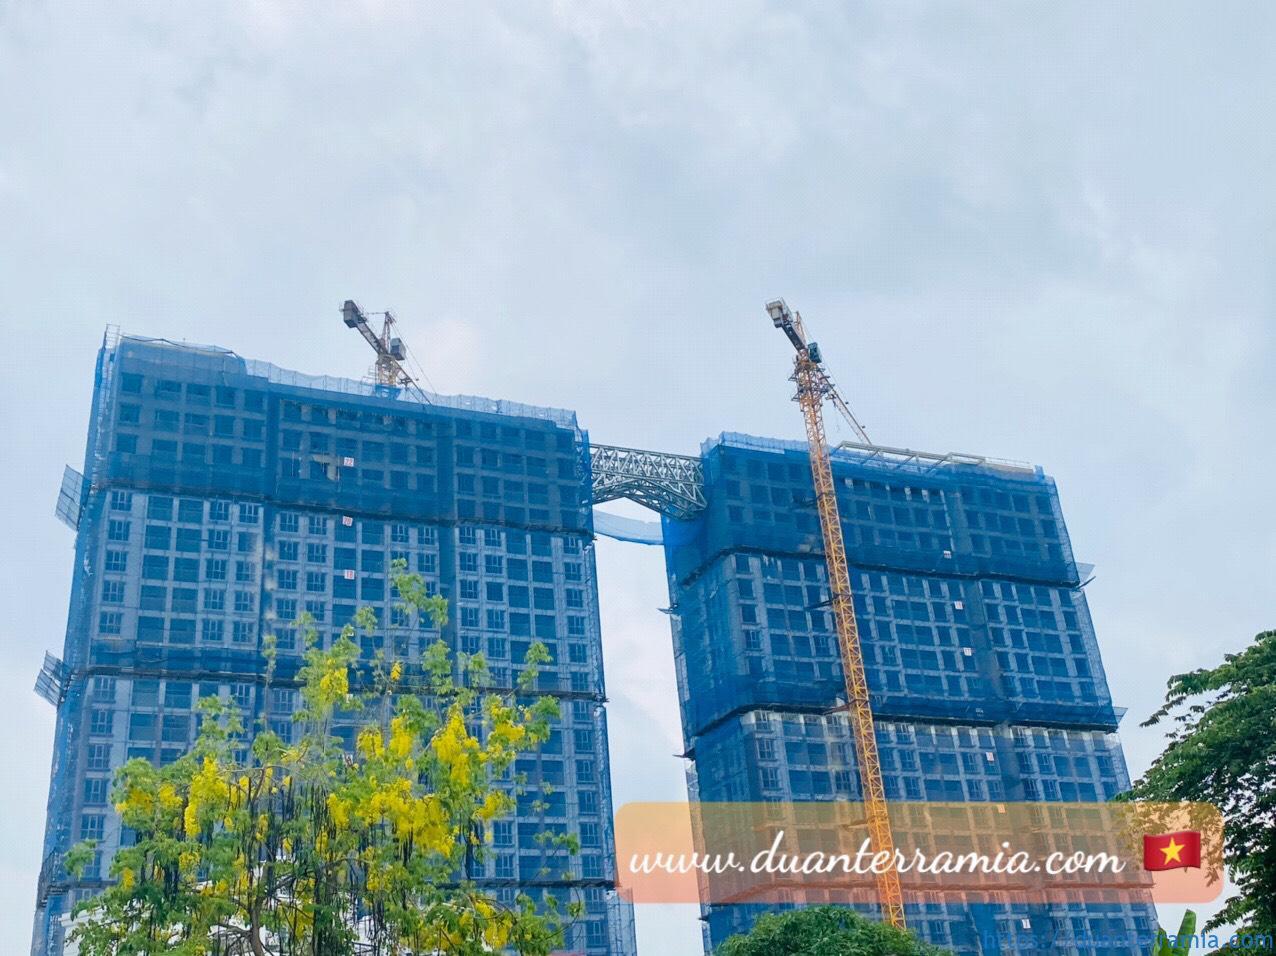 Cập nhật tiến độ xây dựng căn hộ Terra Mia mới nhất